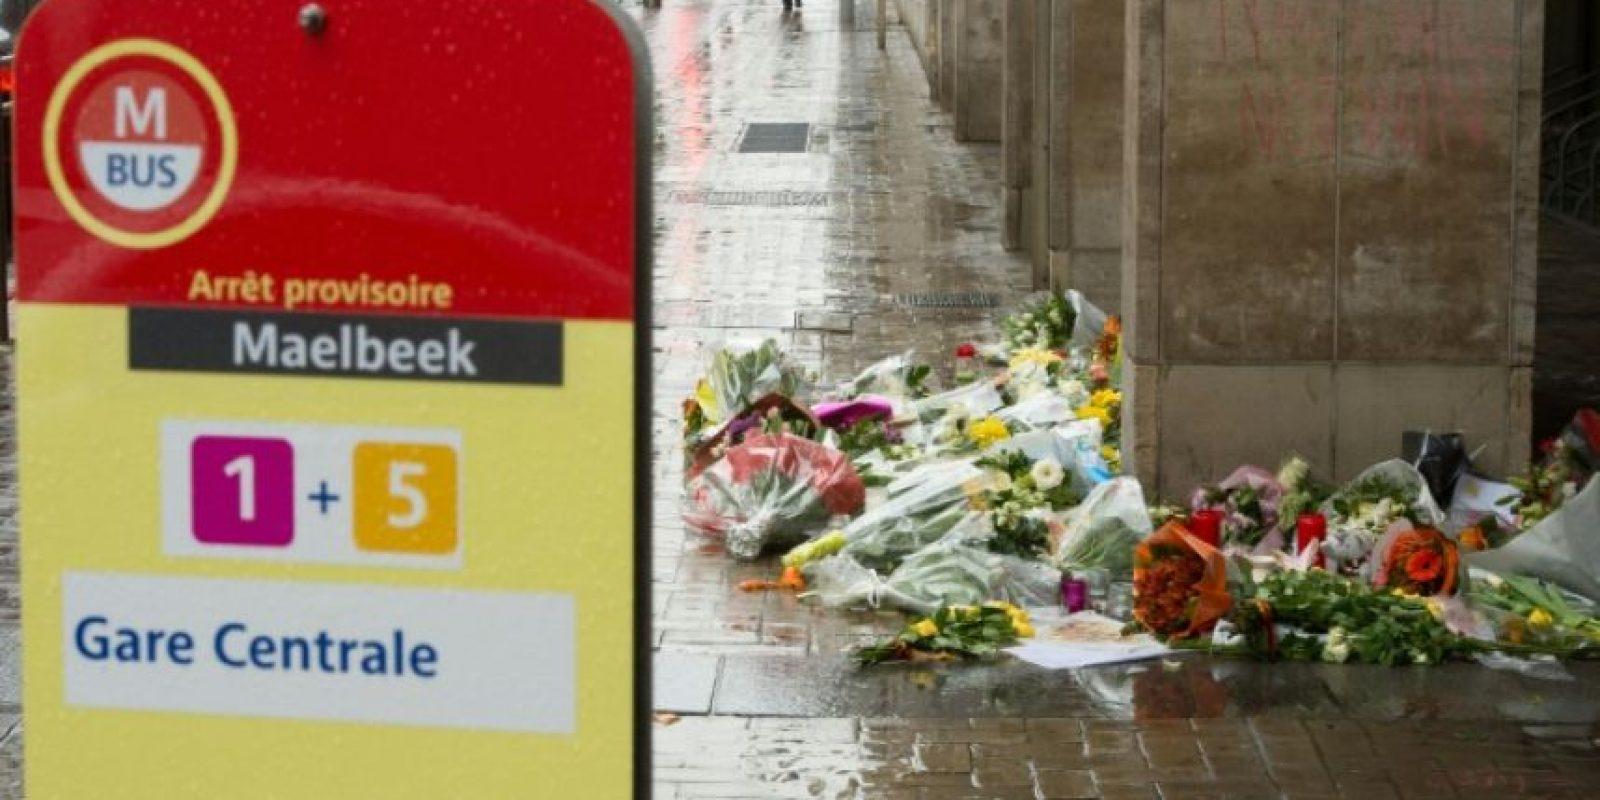 Unos ramos de floresw depositados el 25 de marzo de 2016 cerca de la entrada a la estación de metro de Maalbeek, en Bruselas, en homenaje a las víctimas de un atentado terrorista Foto:Philippe Huguen/afp.com